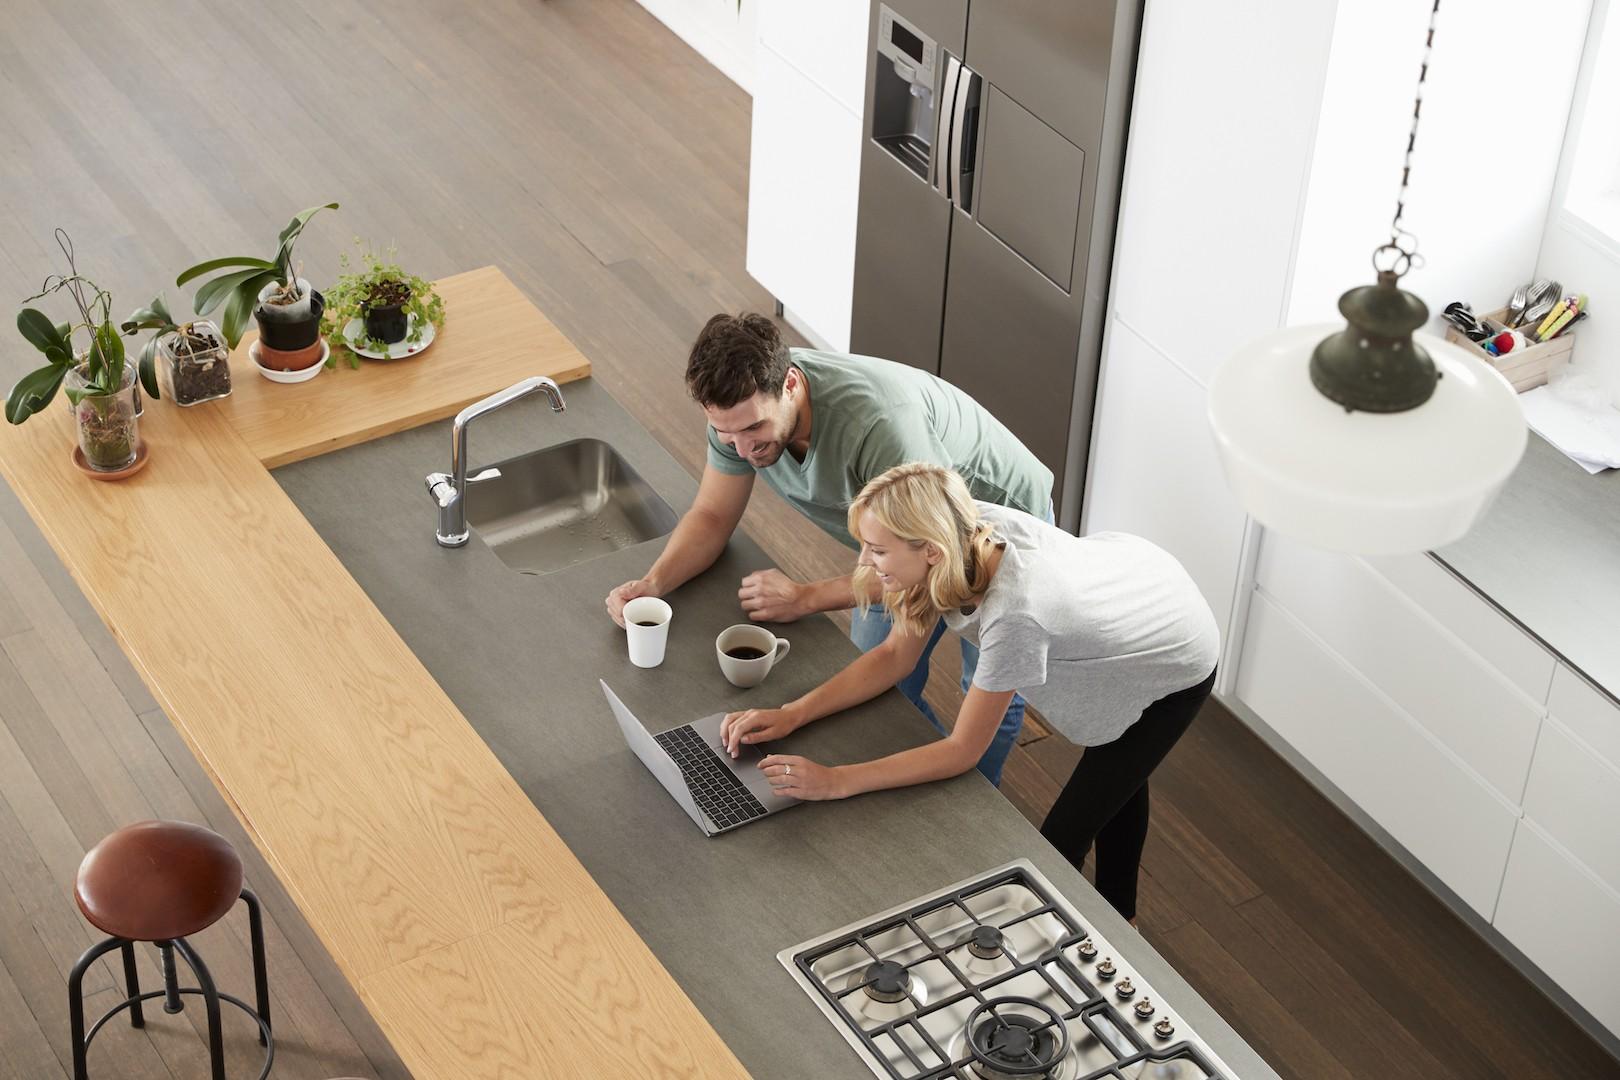 Casal compra móveis de cozinha na internet